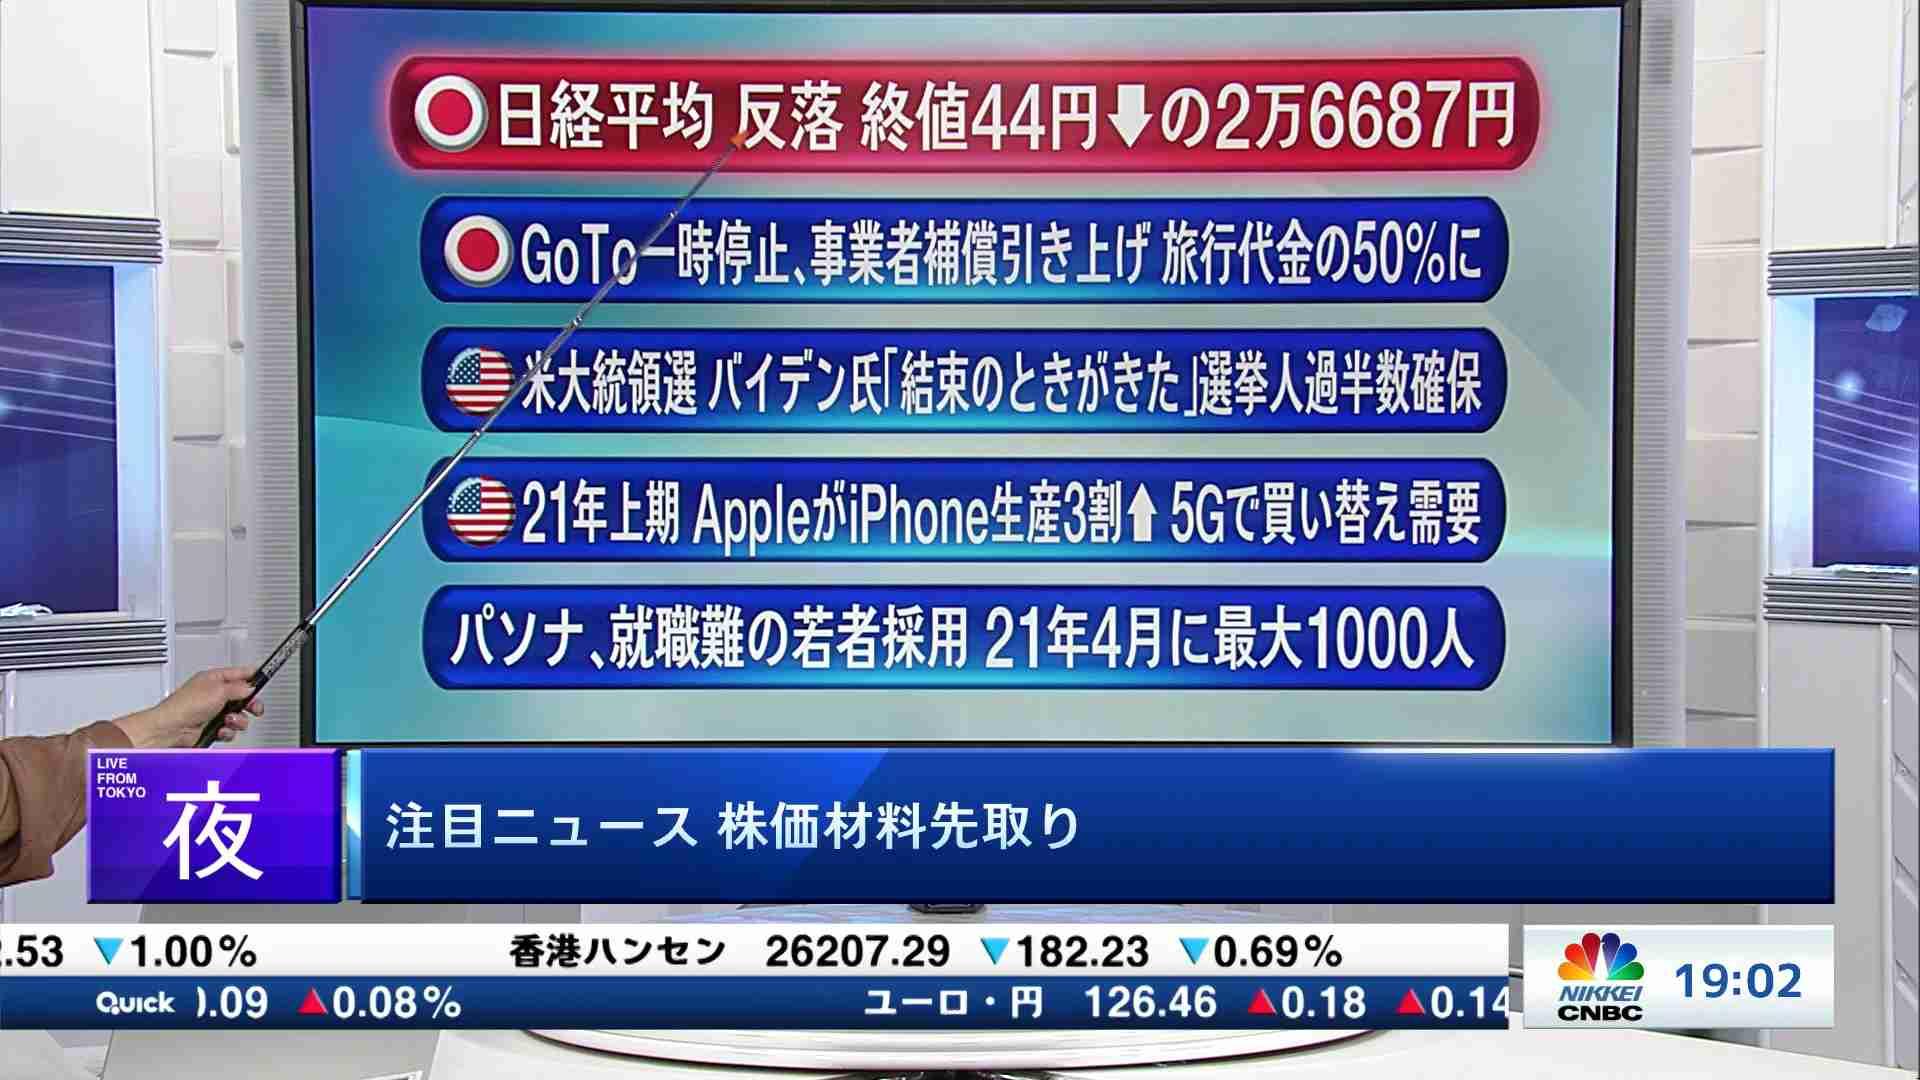 レーザー 株価 qd